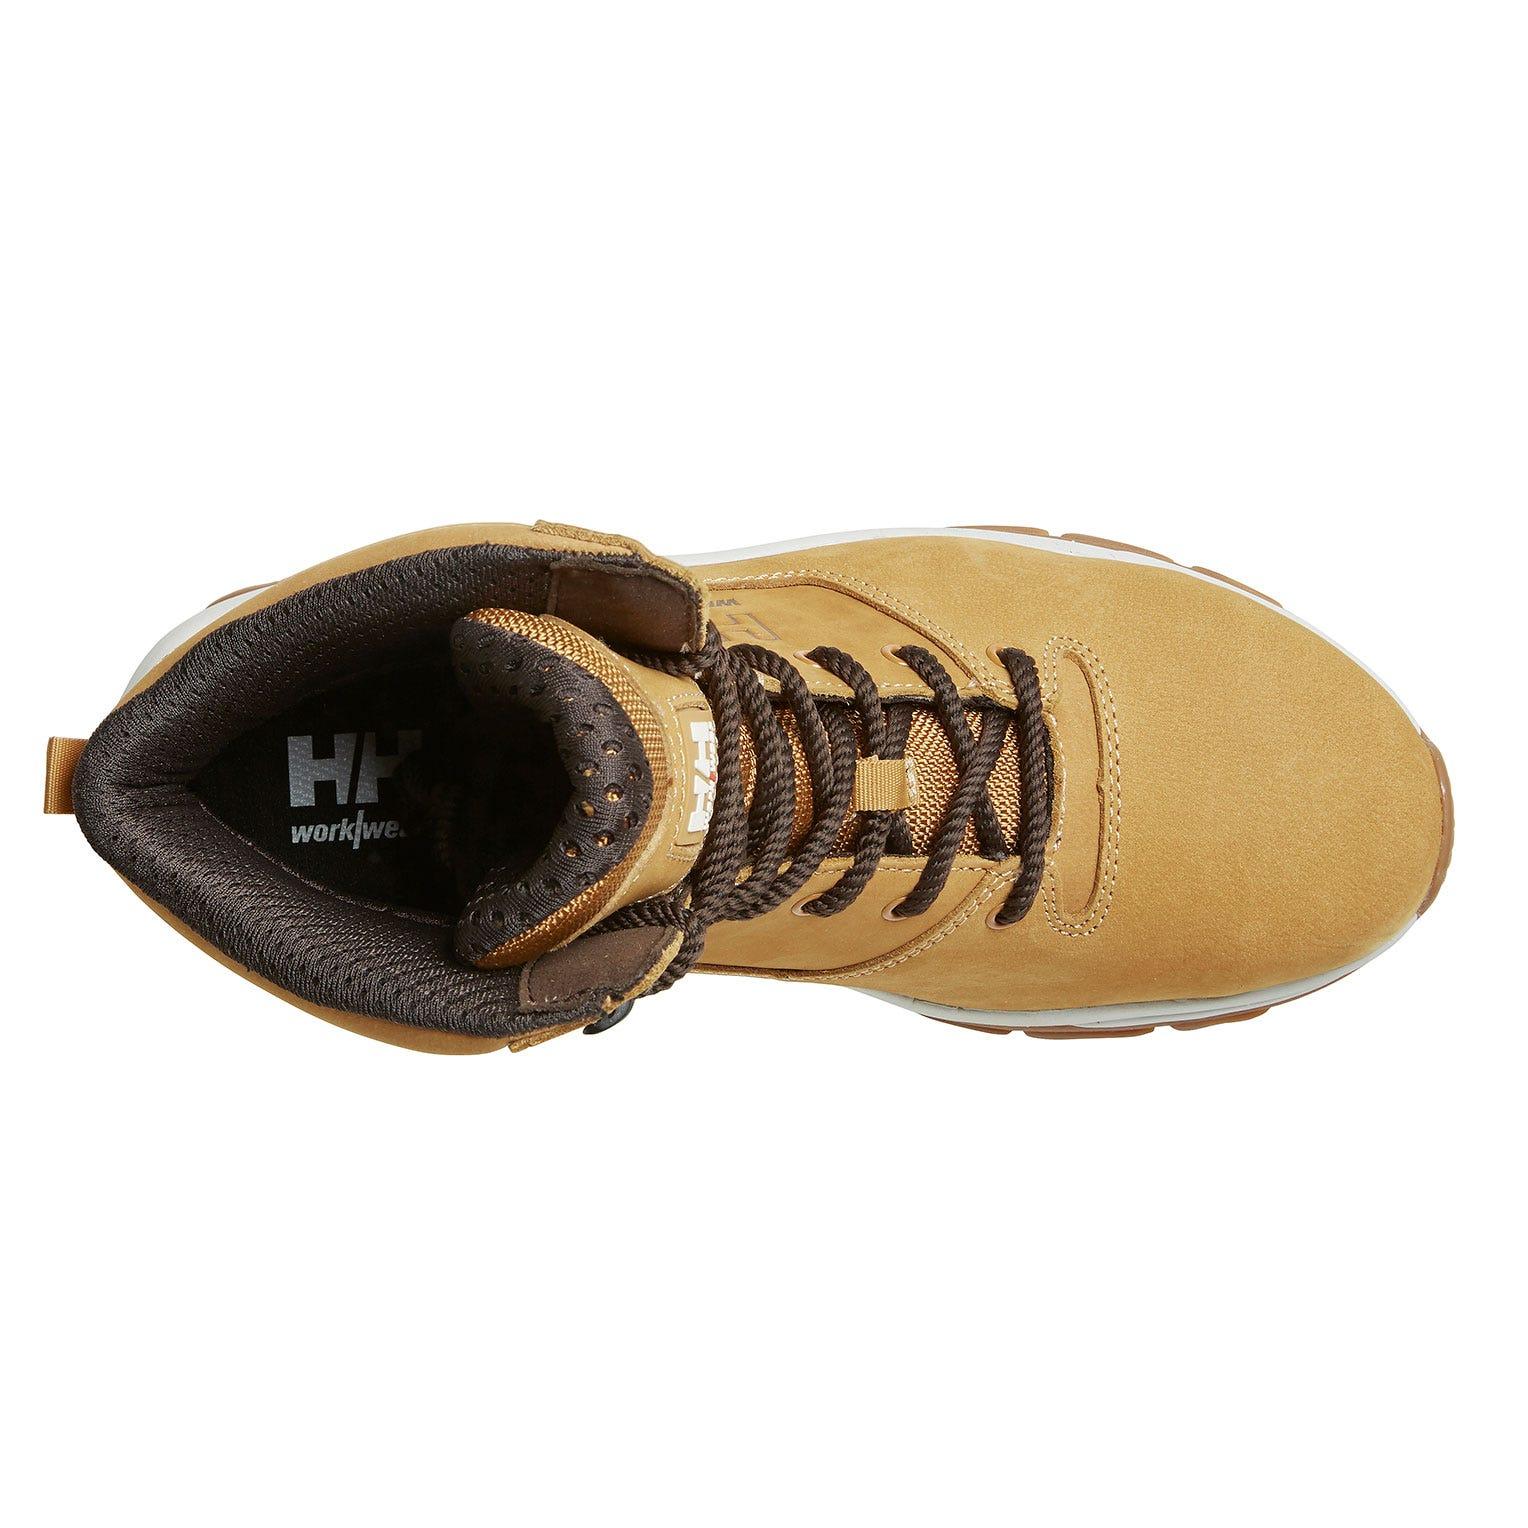 Helly Hansen Veiligheidslaarzen Ferrous 78264 bruin(750)